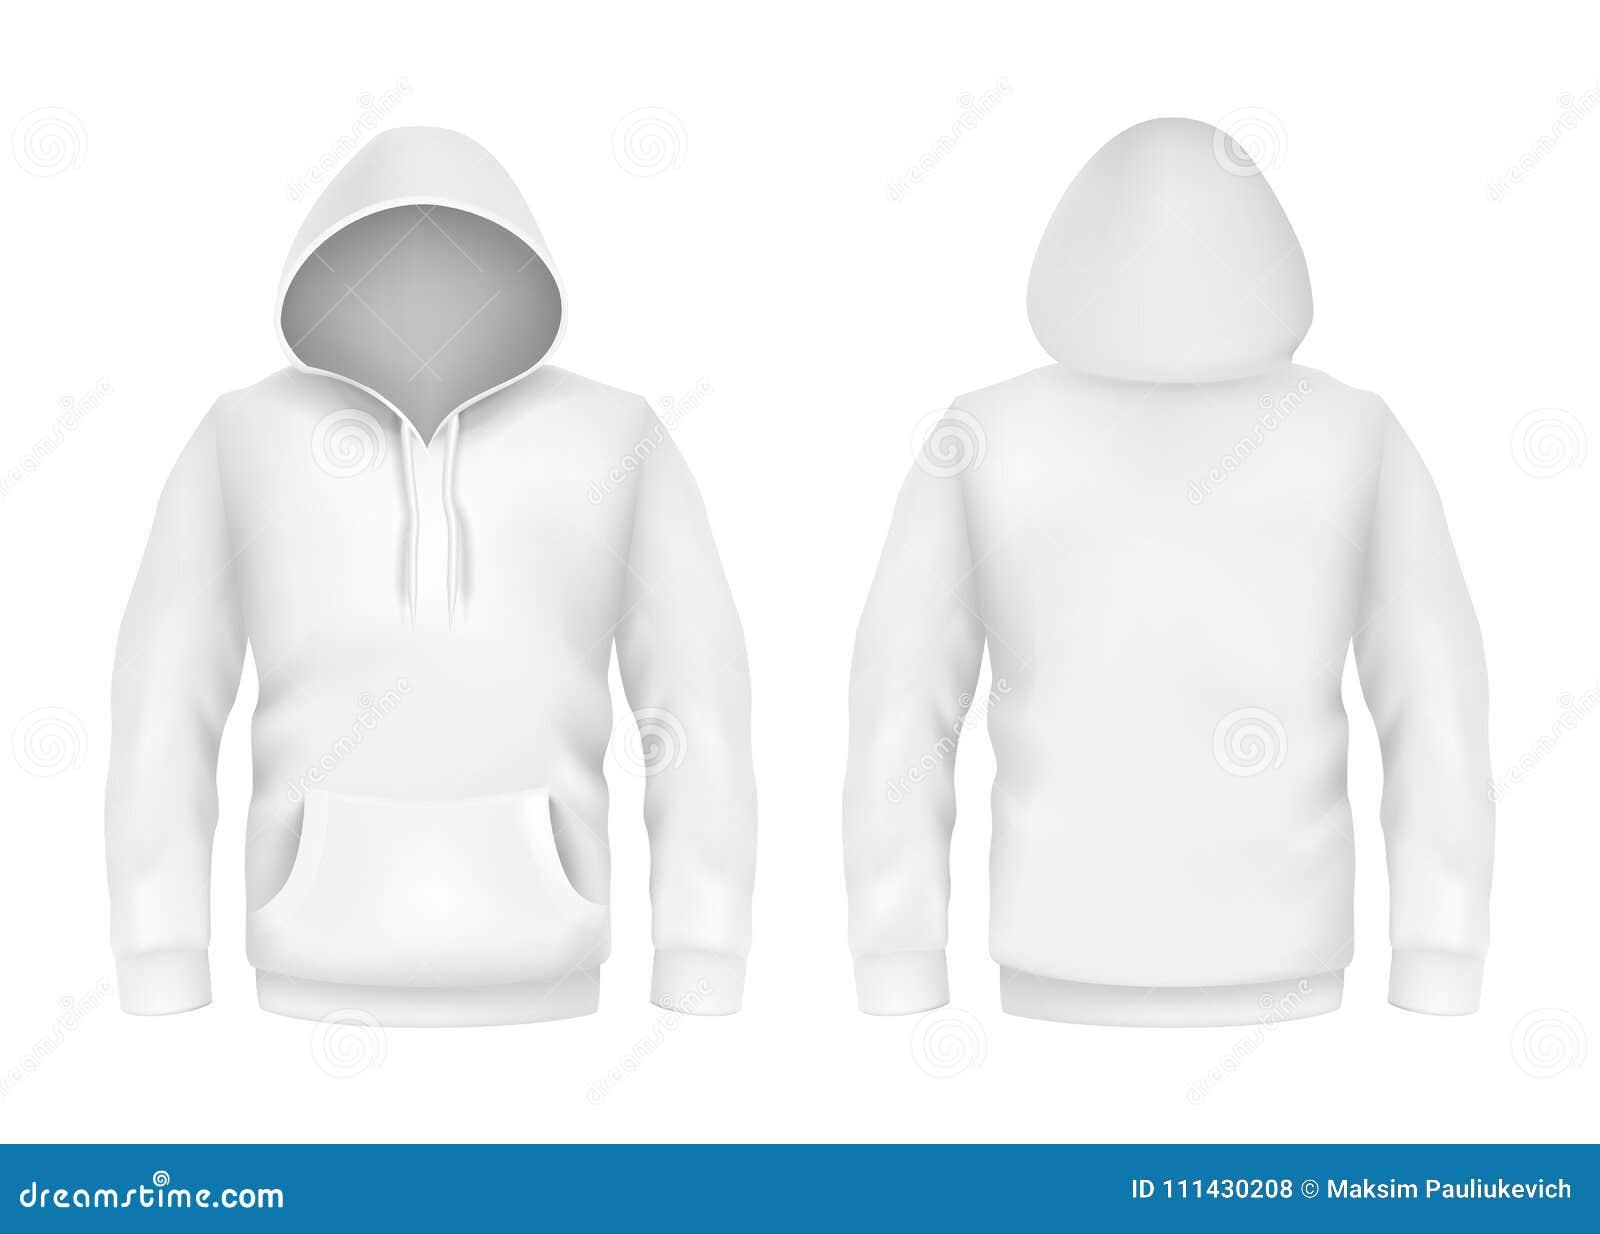 Vector la plantilla realista blanca de la maqueta 3d del suéter con capucha en el fondo blanco Manga larga de la moda, jersey de